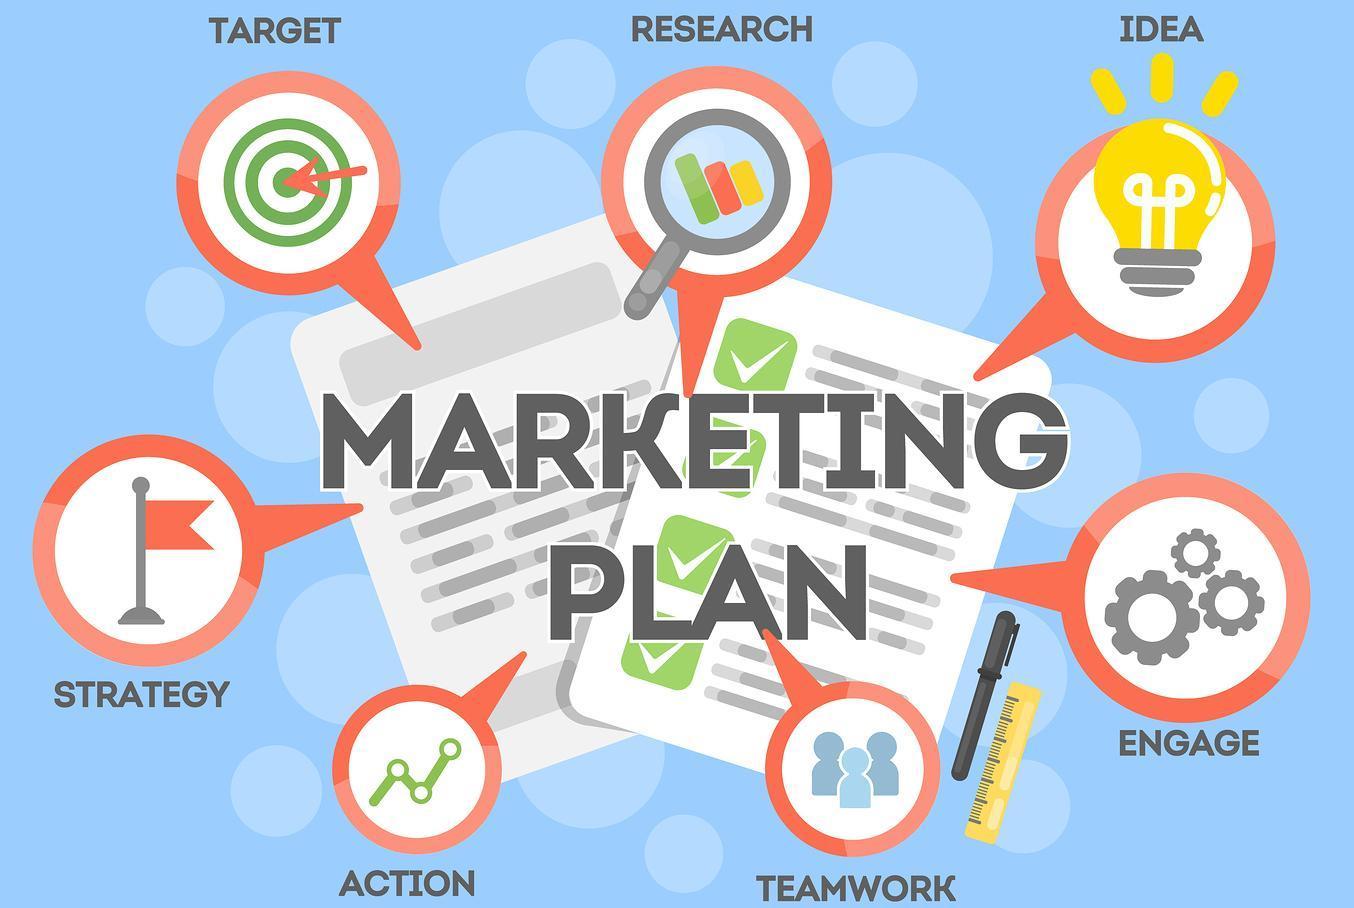 kiến thức giúp bạn trở thành người bán hàng thành công trên Facebook.